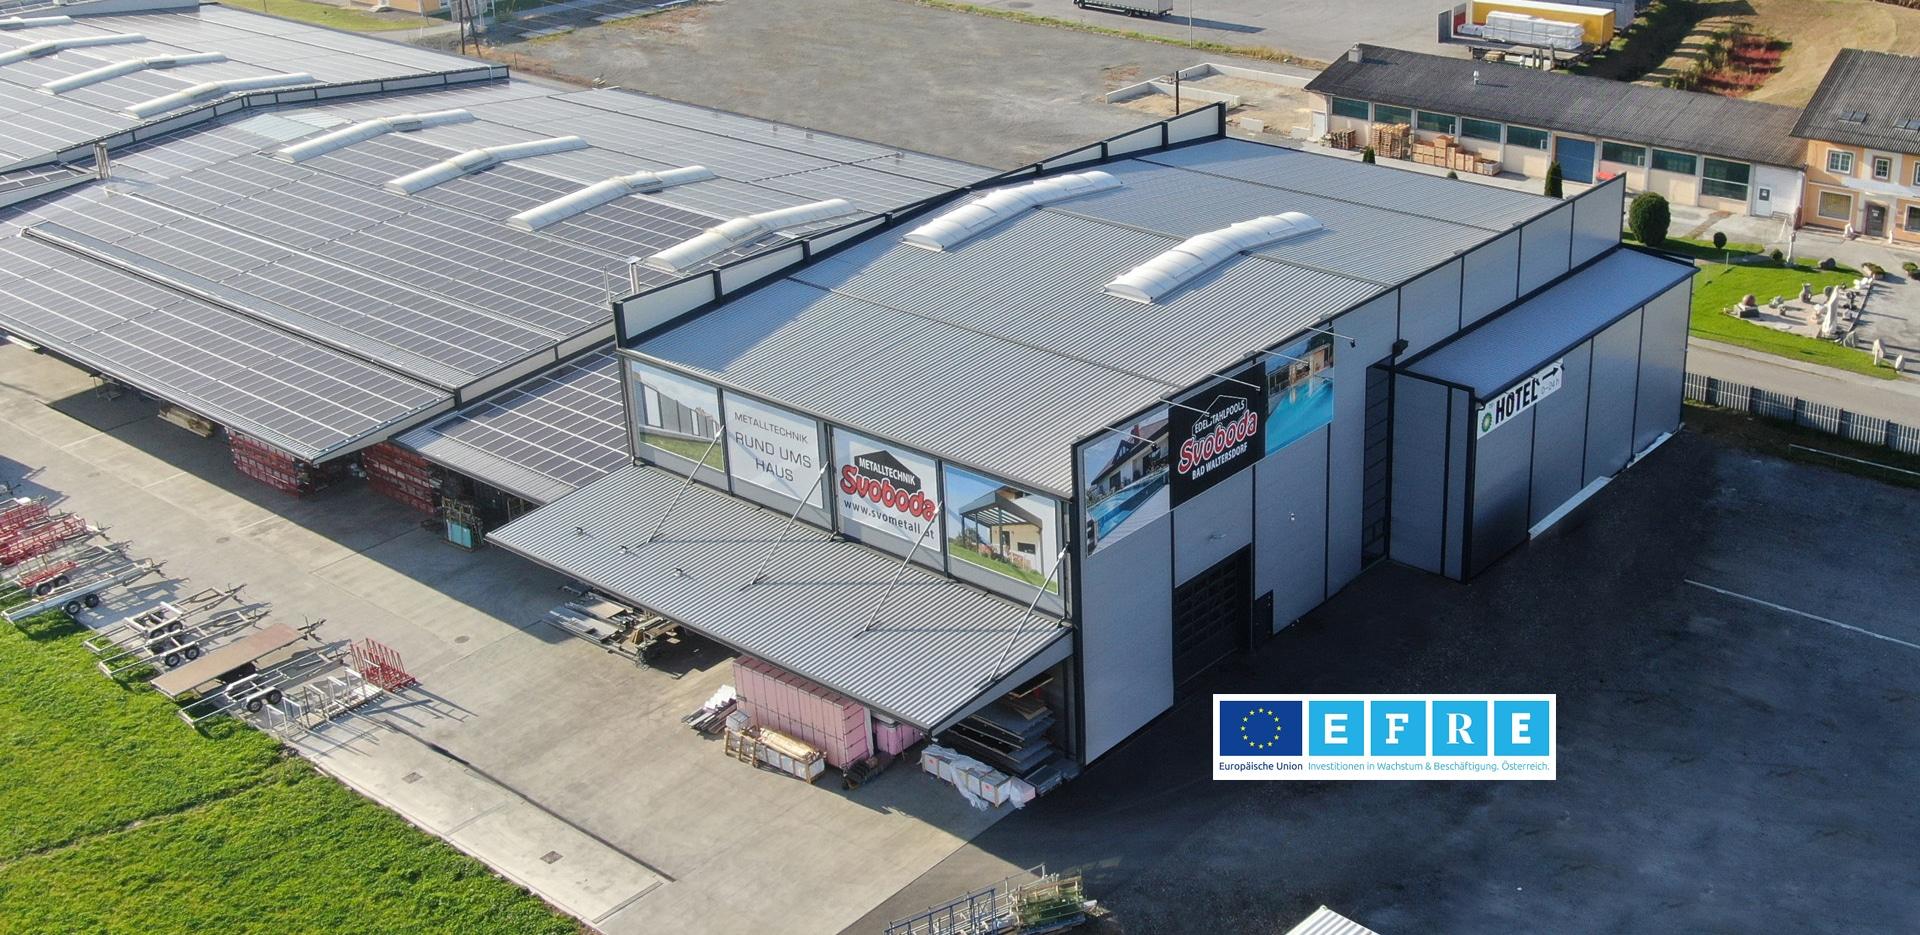 Svoboda Metalltechnik Hallenzubau Halle 3 2019 Edelstahlproduktion und Hochregallager Außenansicht